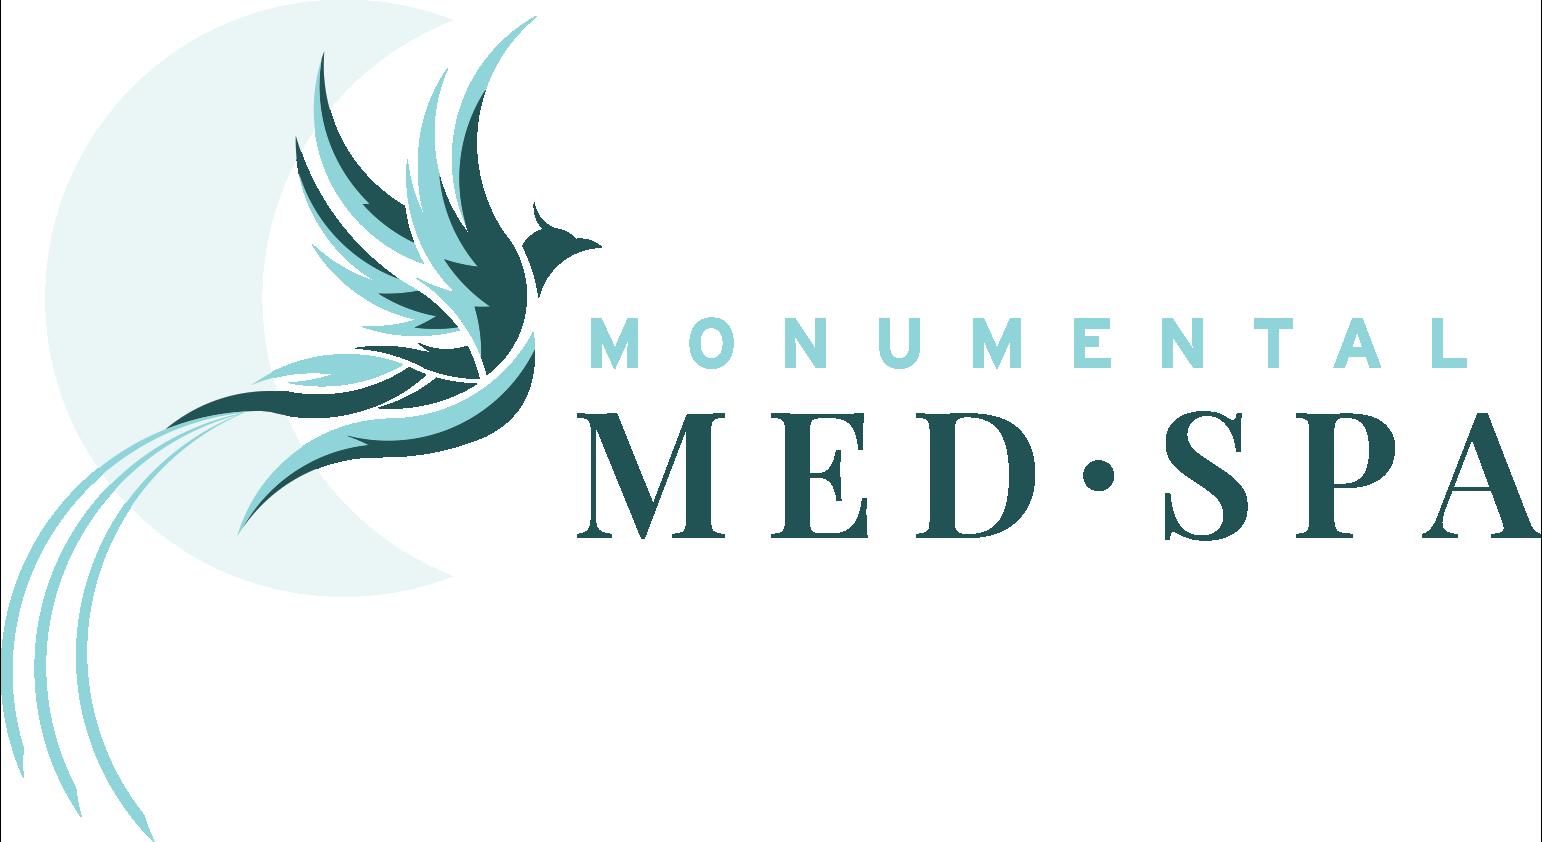 Monumental Med Spa